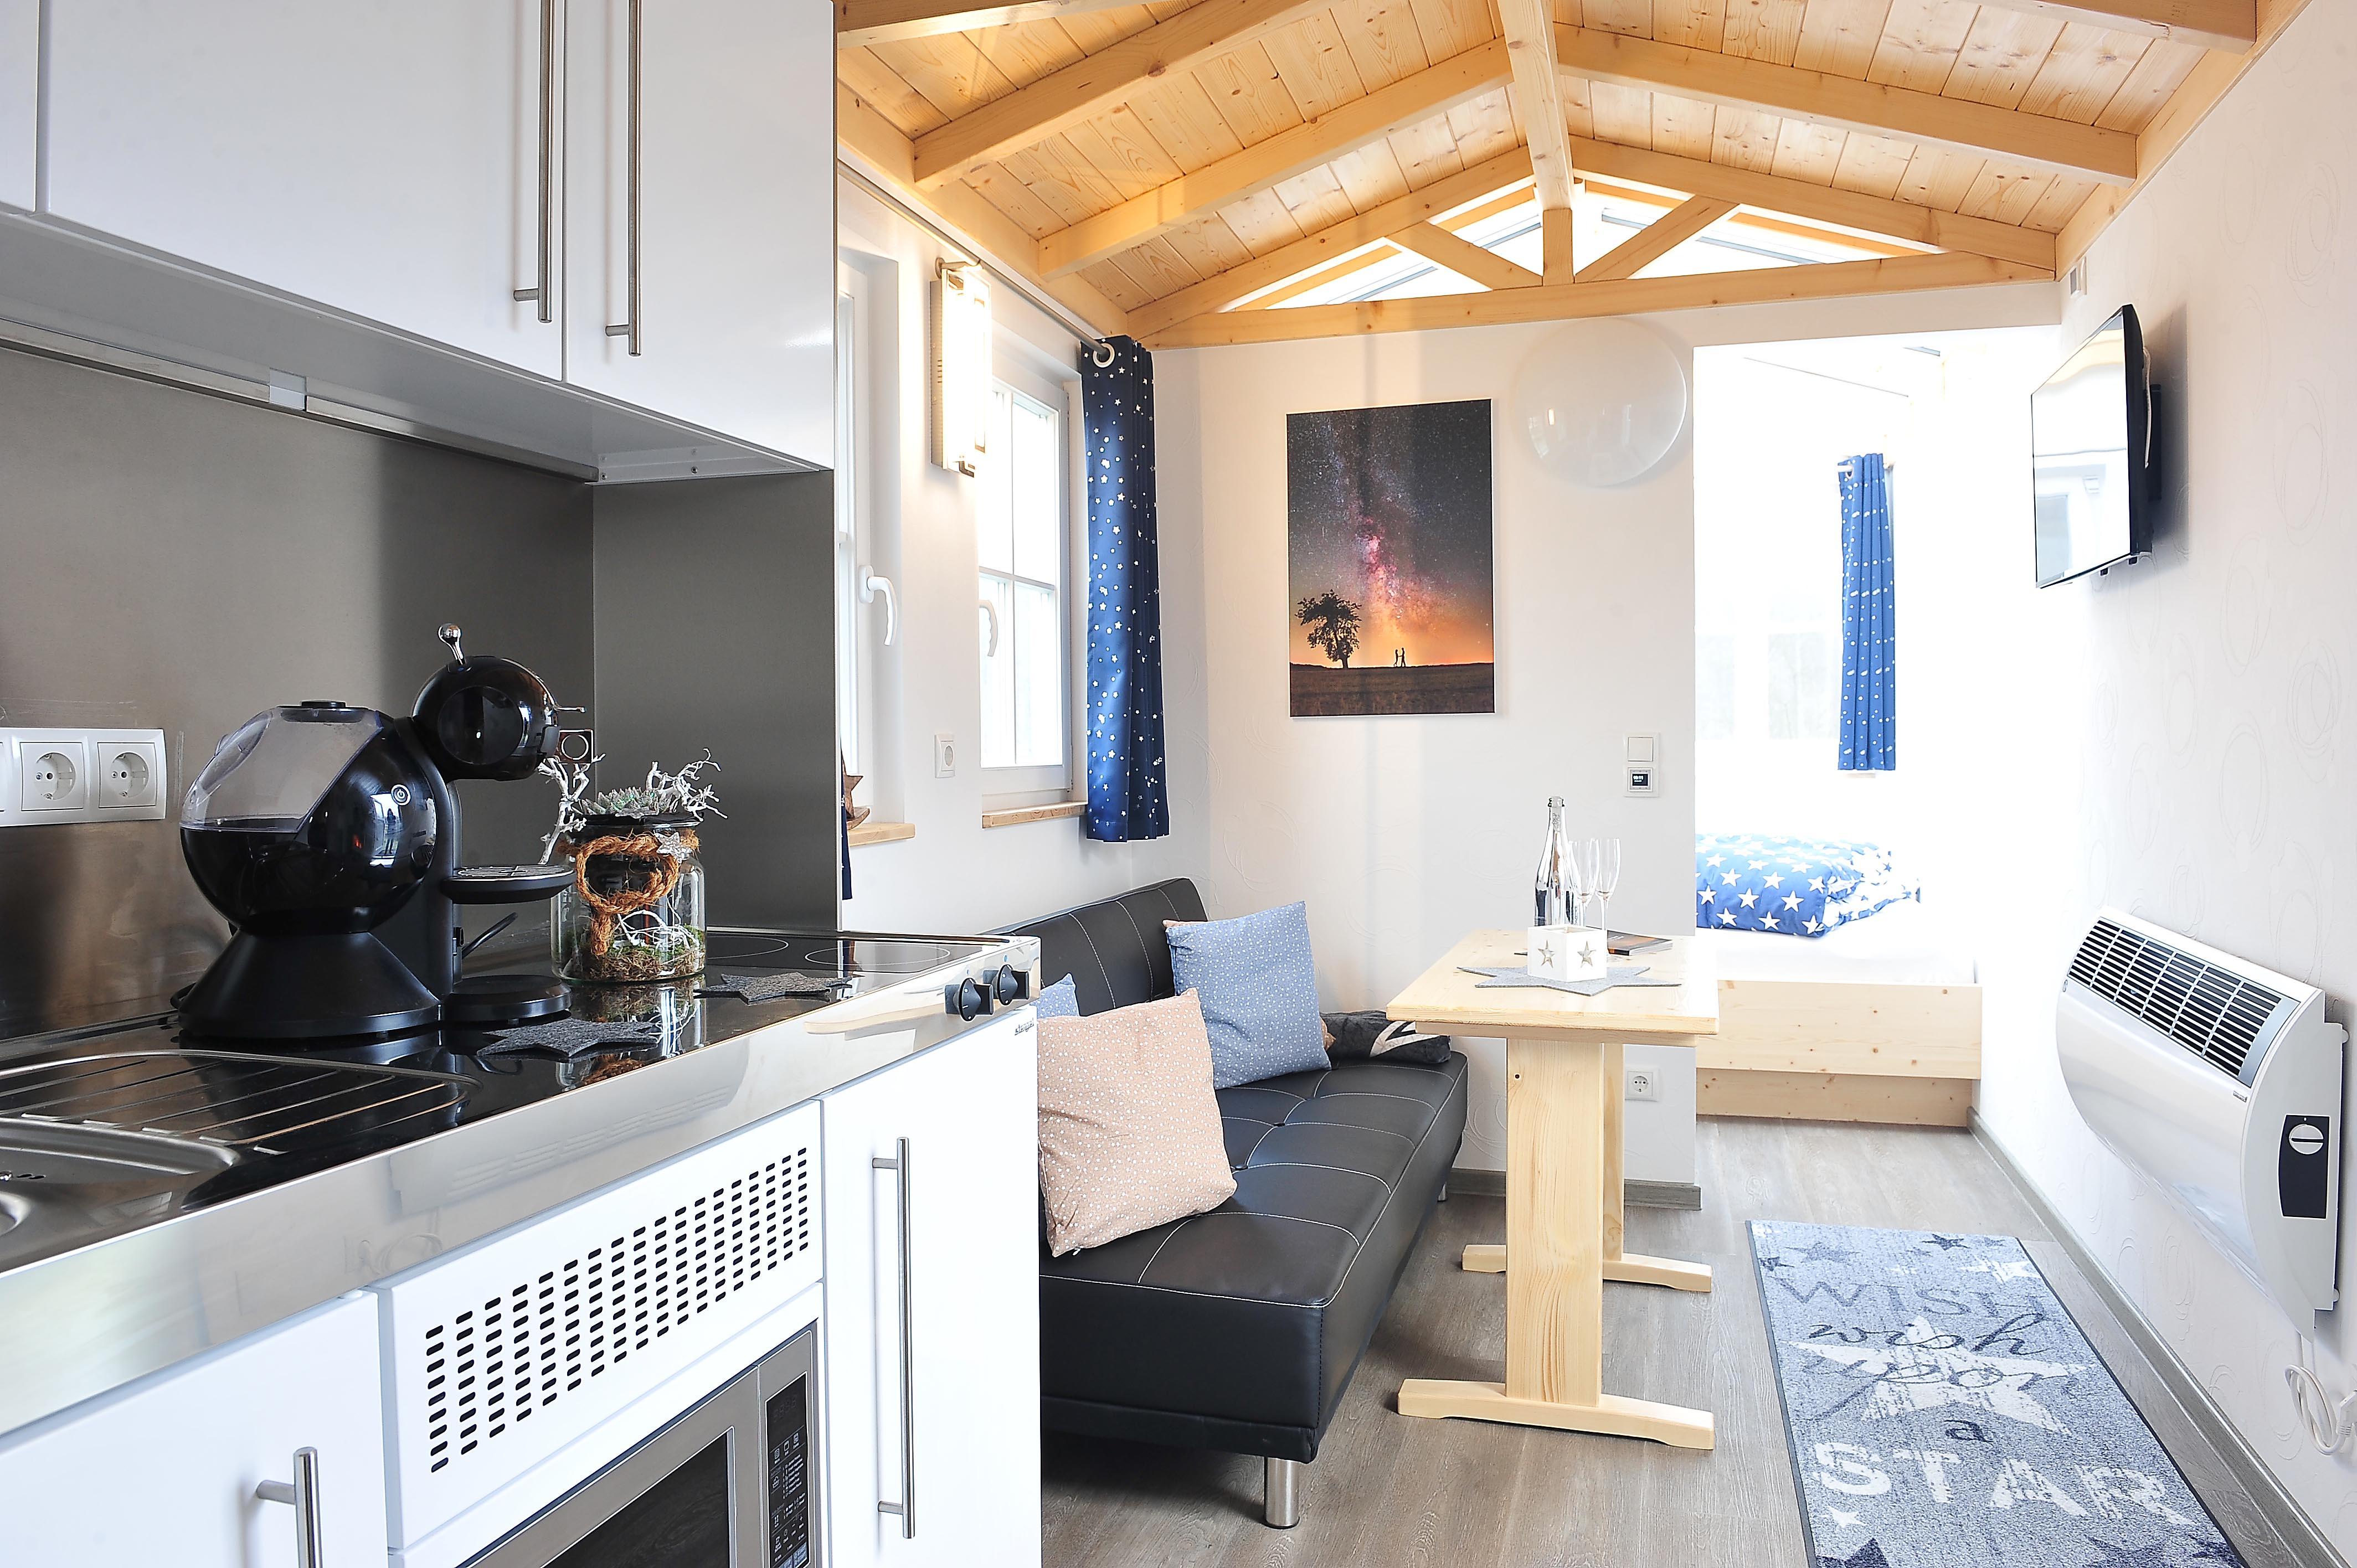 Rhöner Sternenwagen, Wohnraum mit Küche, Quelle: Mandy Heidinger-Peter